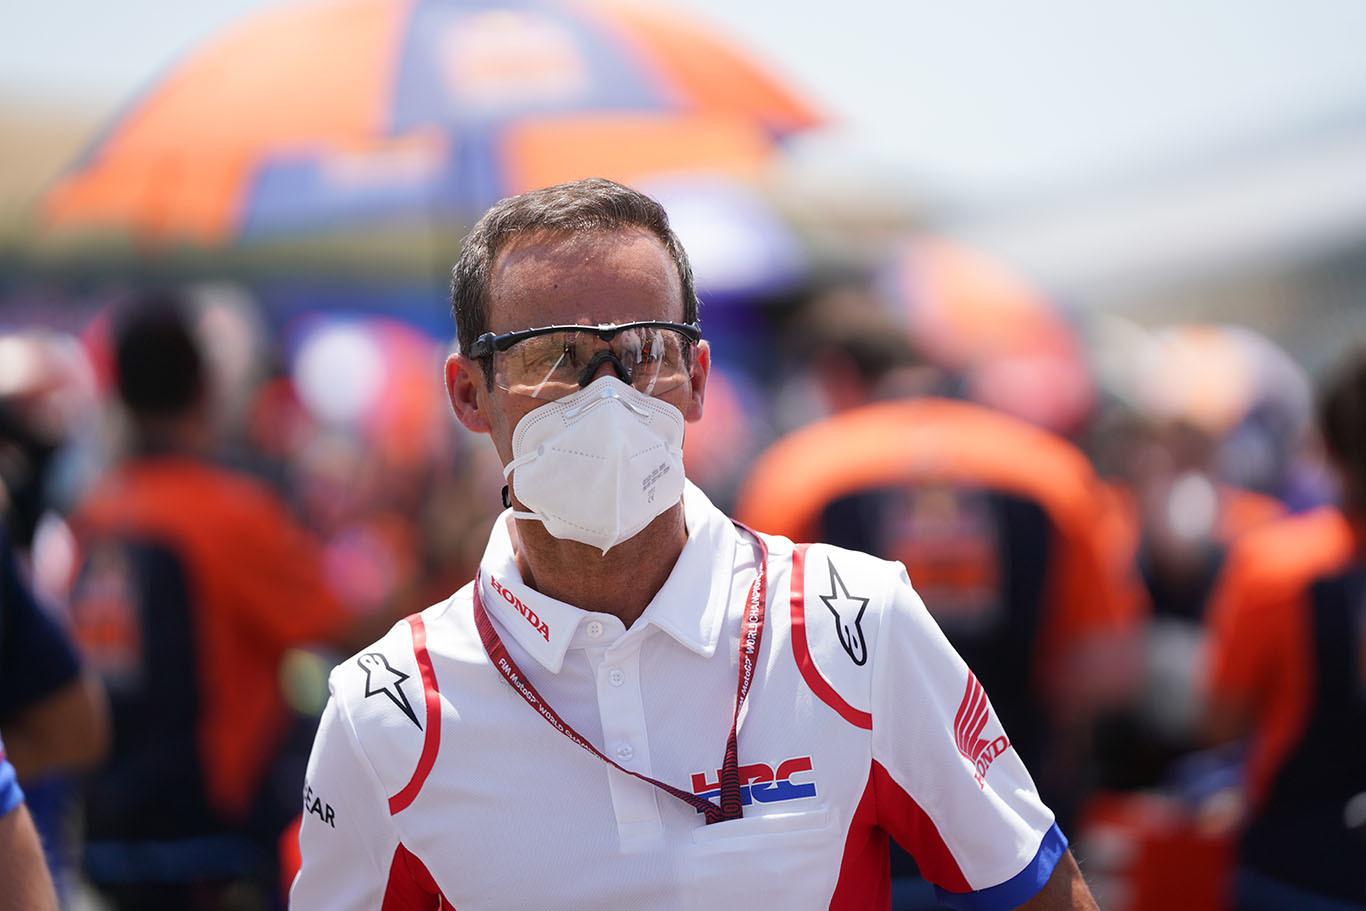 Alberto Puig, en el 'paddock' del circuito de Jerez el pasado domingo.